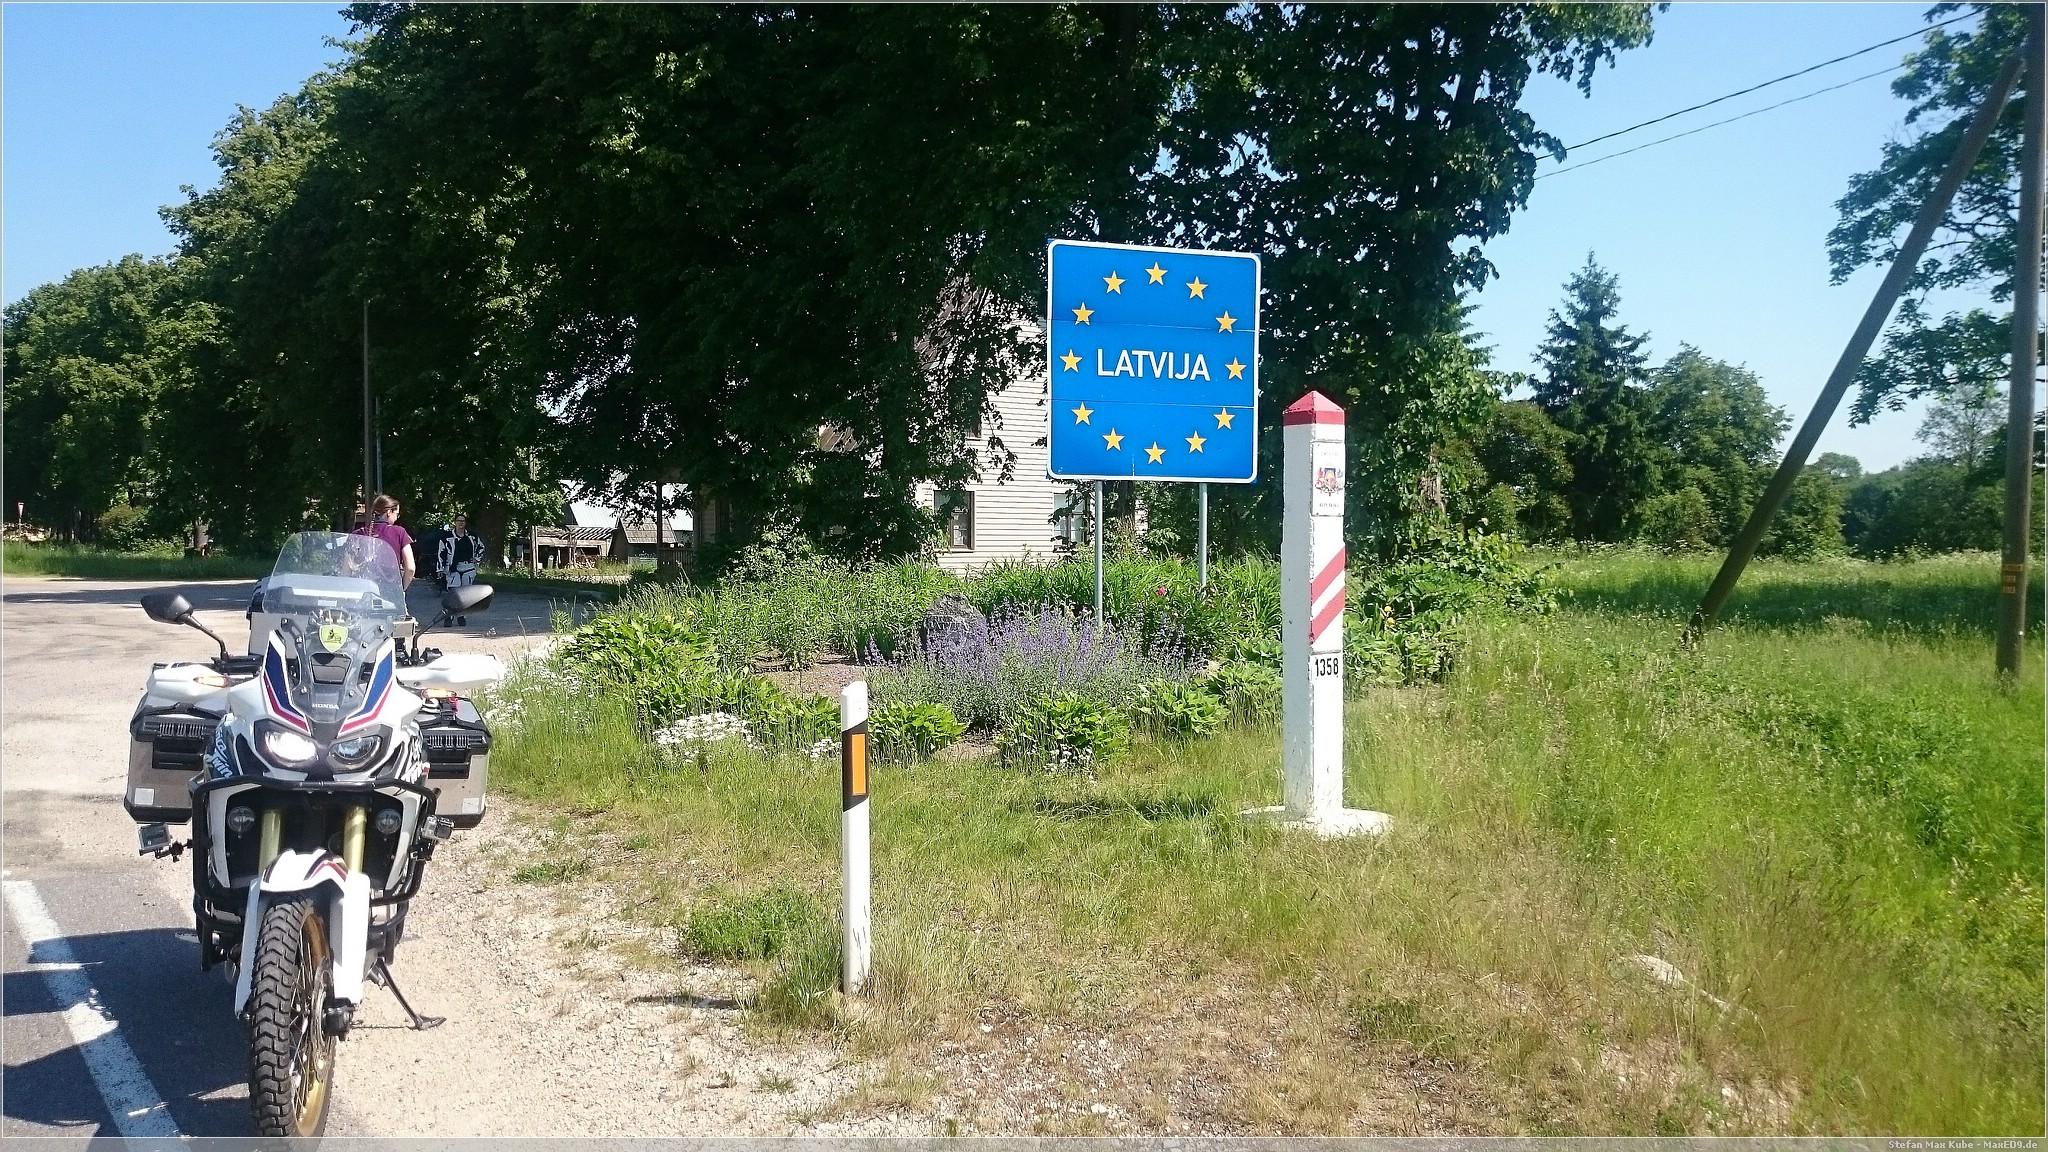 Grenze zu Lettland